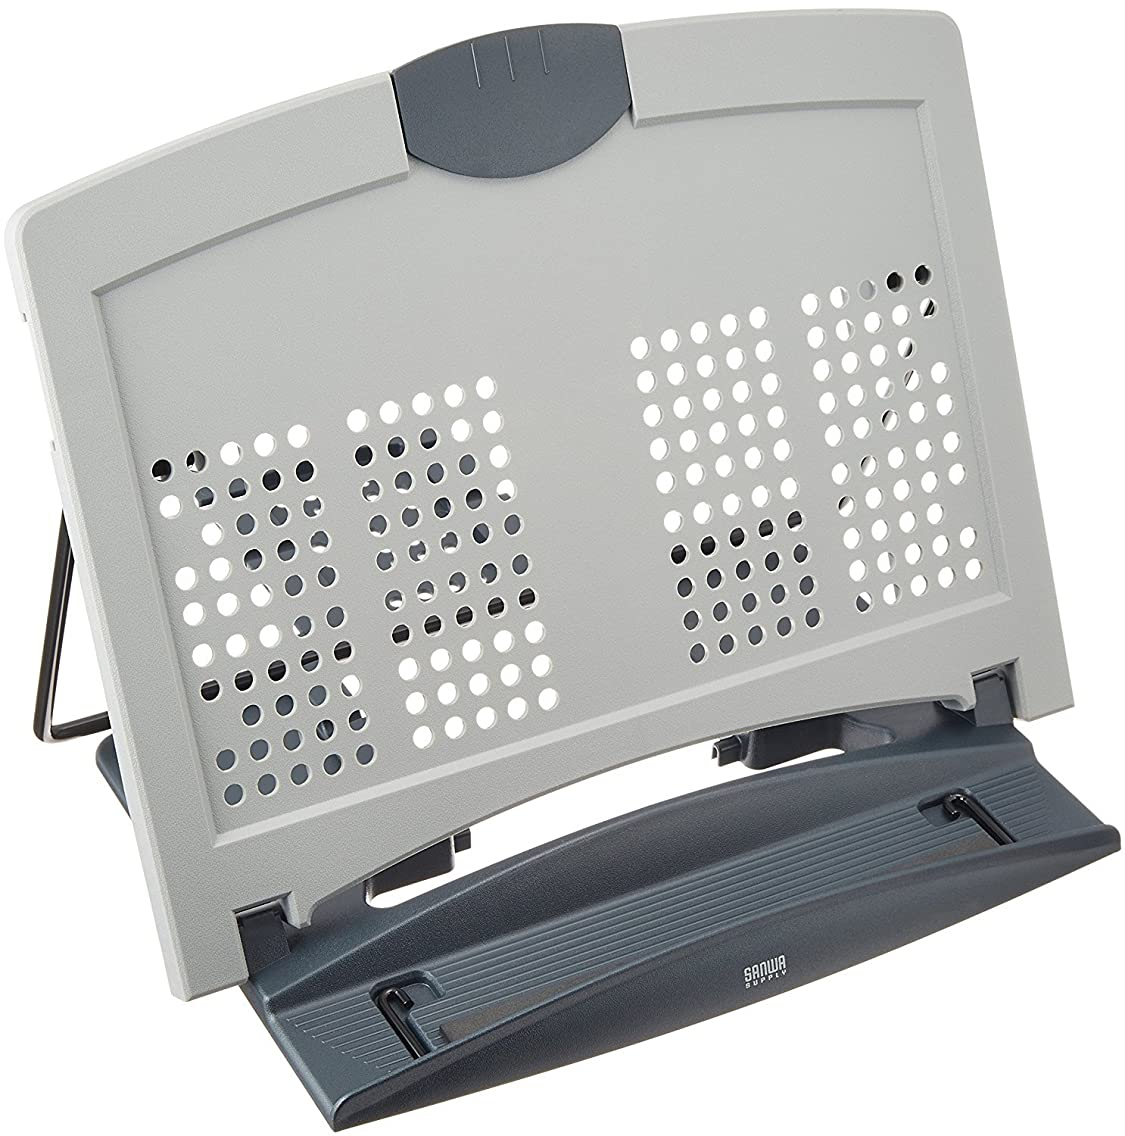 圧倒的水星知覚的サンワサプライ ノートパソコン スタンド マルチデータホルダー ノートパソコン放熱用通気孔付き DH-316